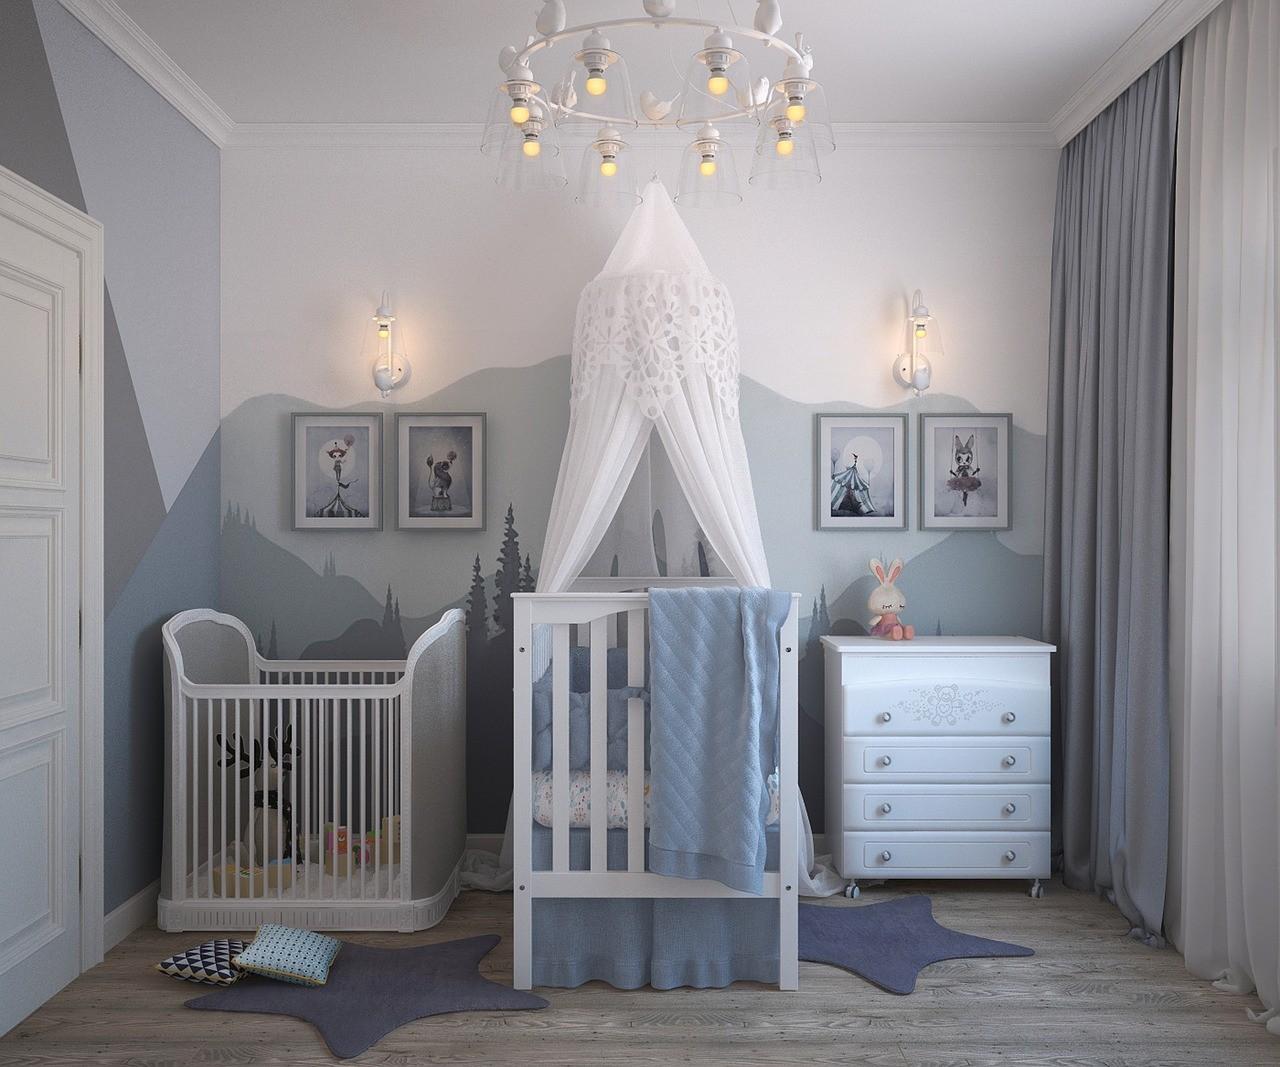 Inred barnrum med väggdekorationer